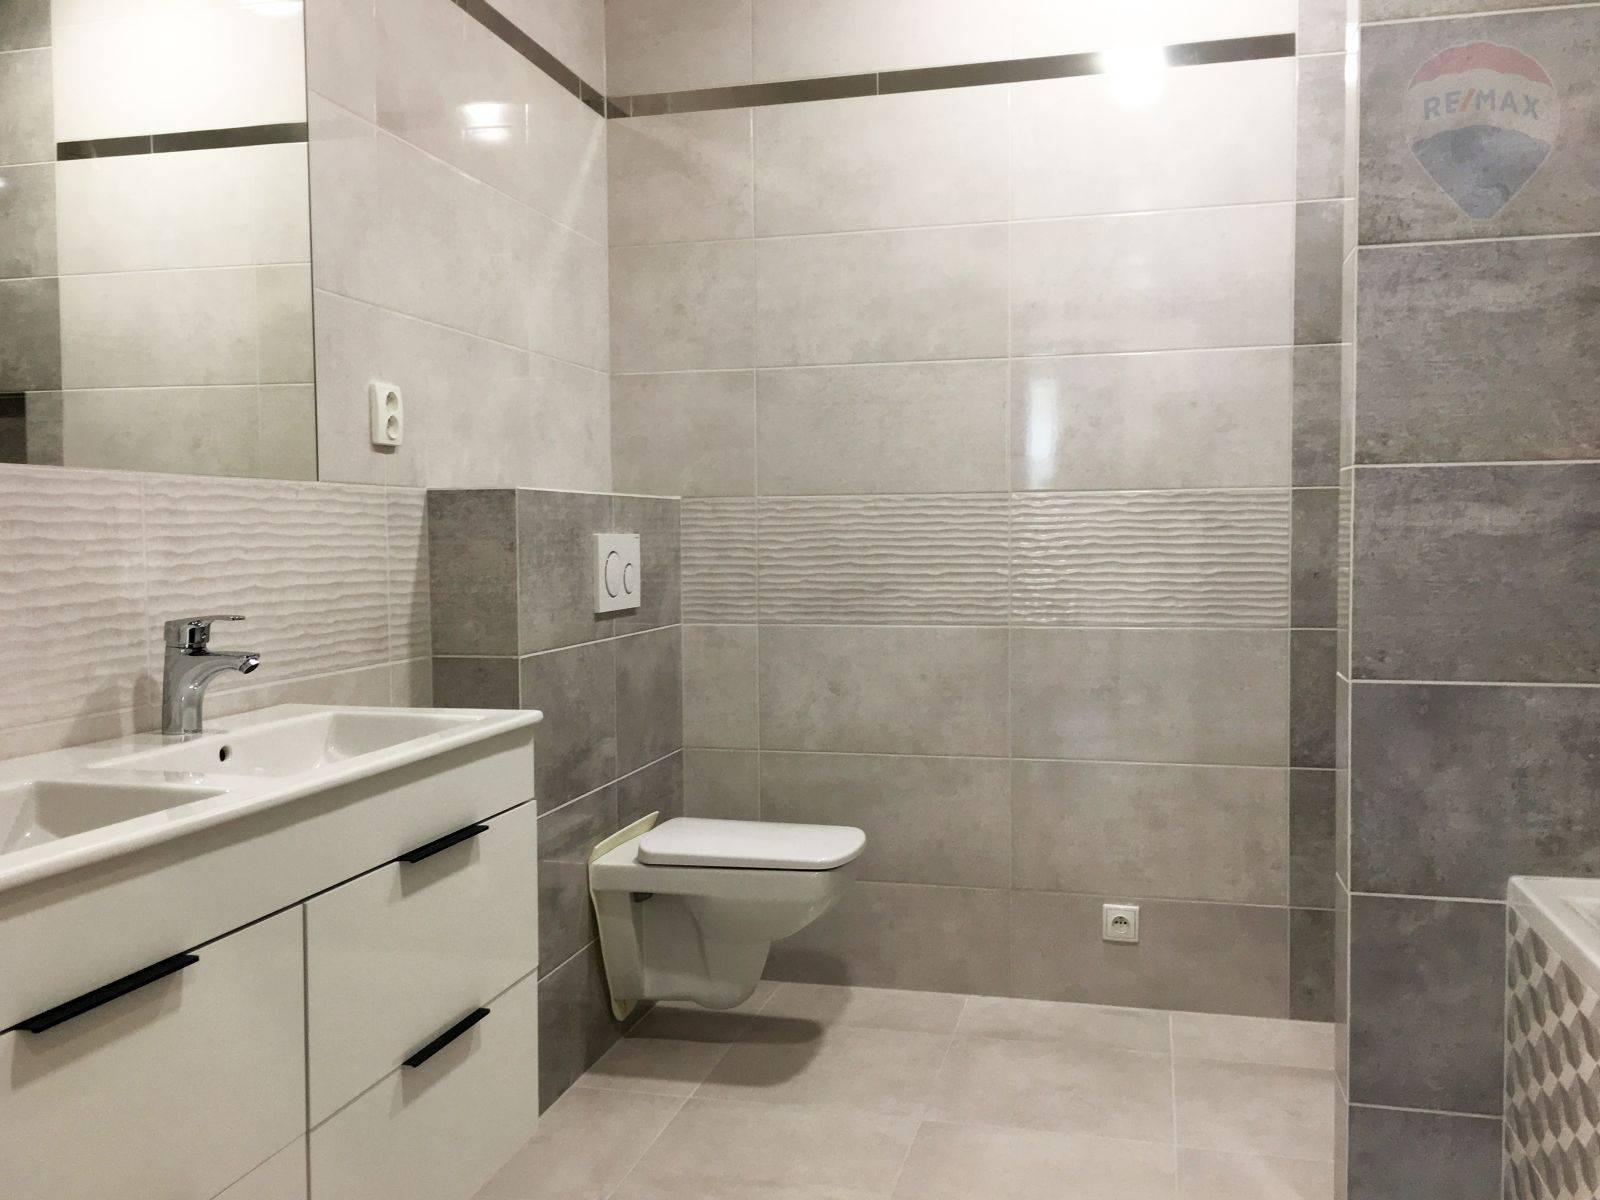 Predaj domu 100 m2, Šamorín - Rodinný dom Šamorín Mliečno predaj